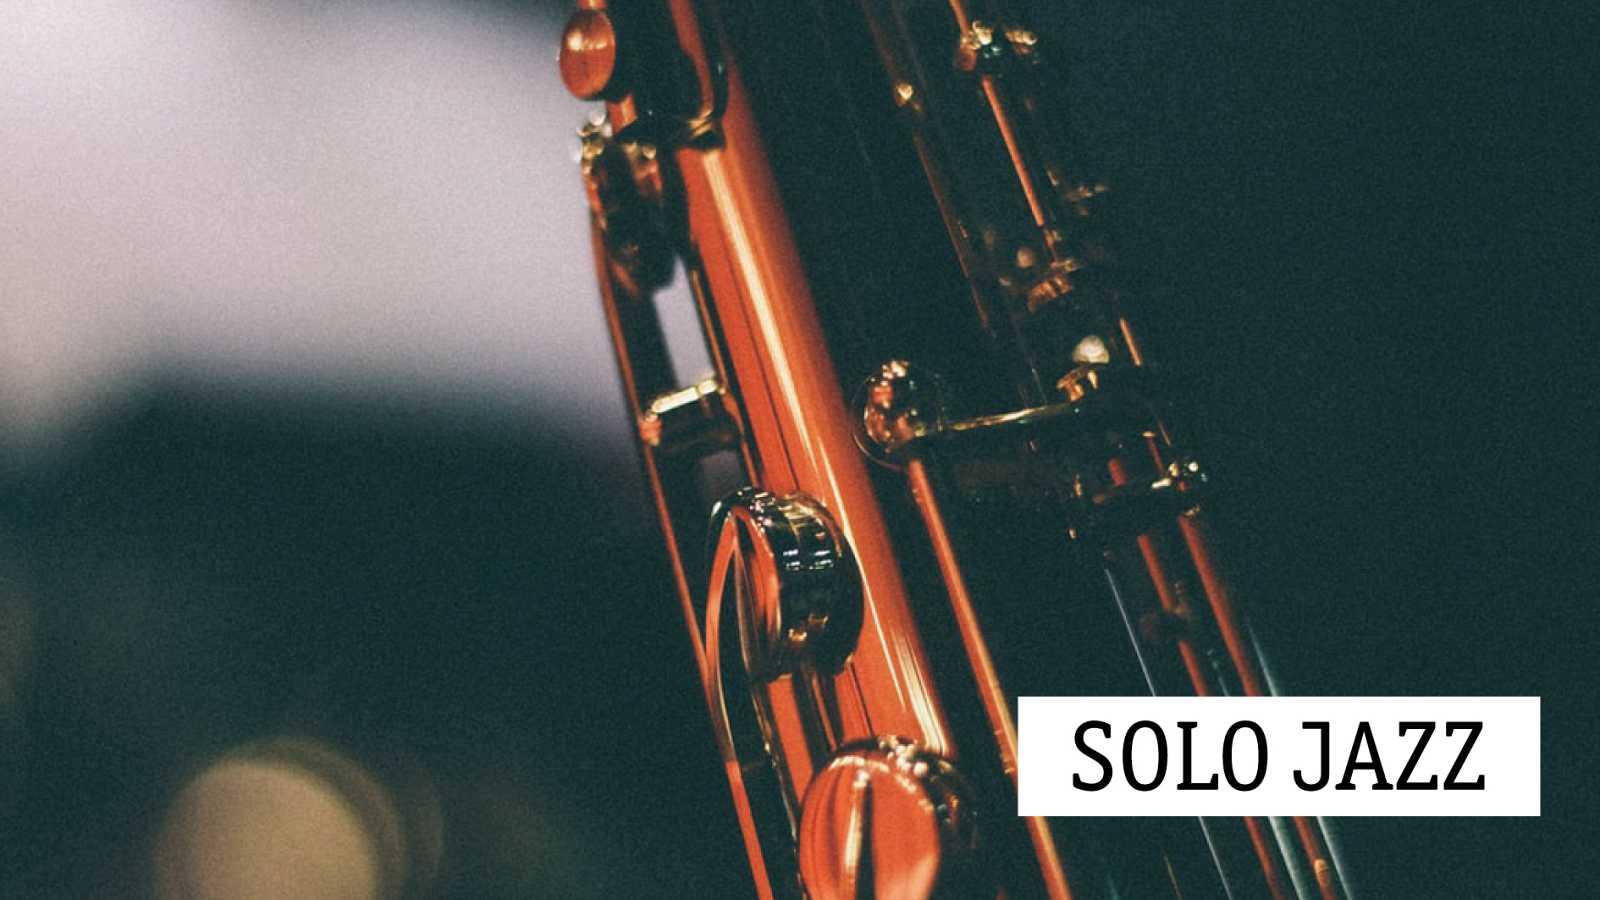 Solo jazz - Keith Jarrett: La visible oscuridad (II) - 16/11/20 - escuchar ahora